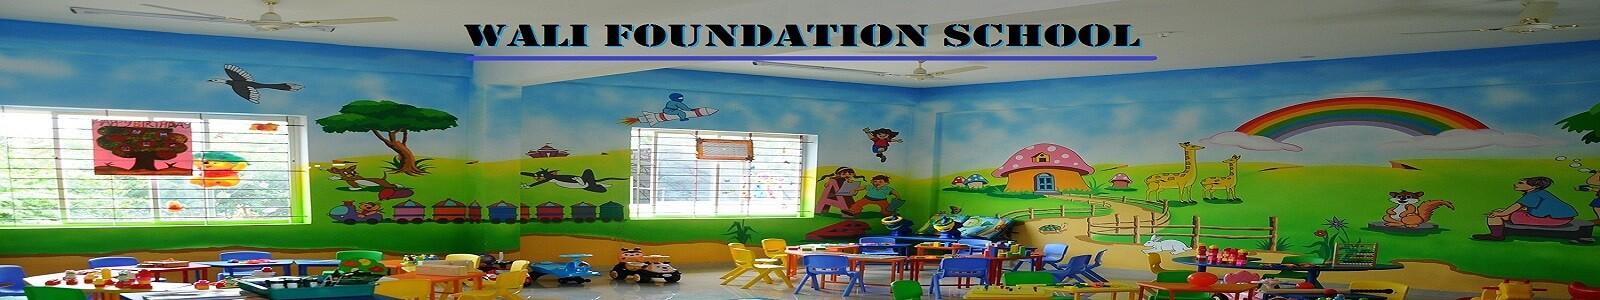 WALI FOUNDATION SCHOOL